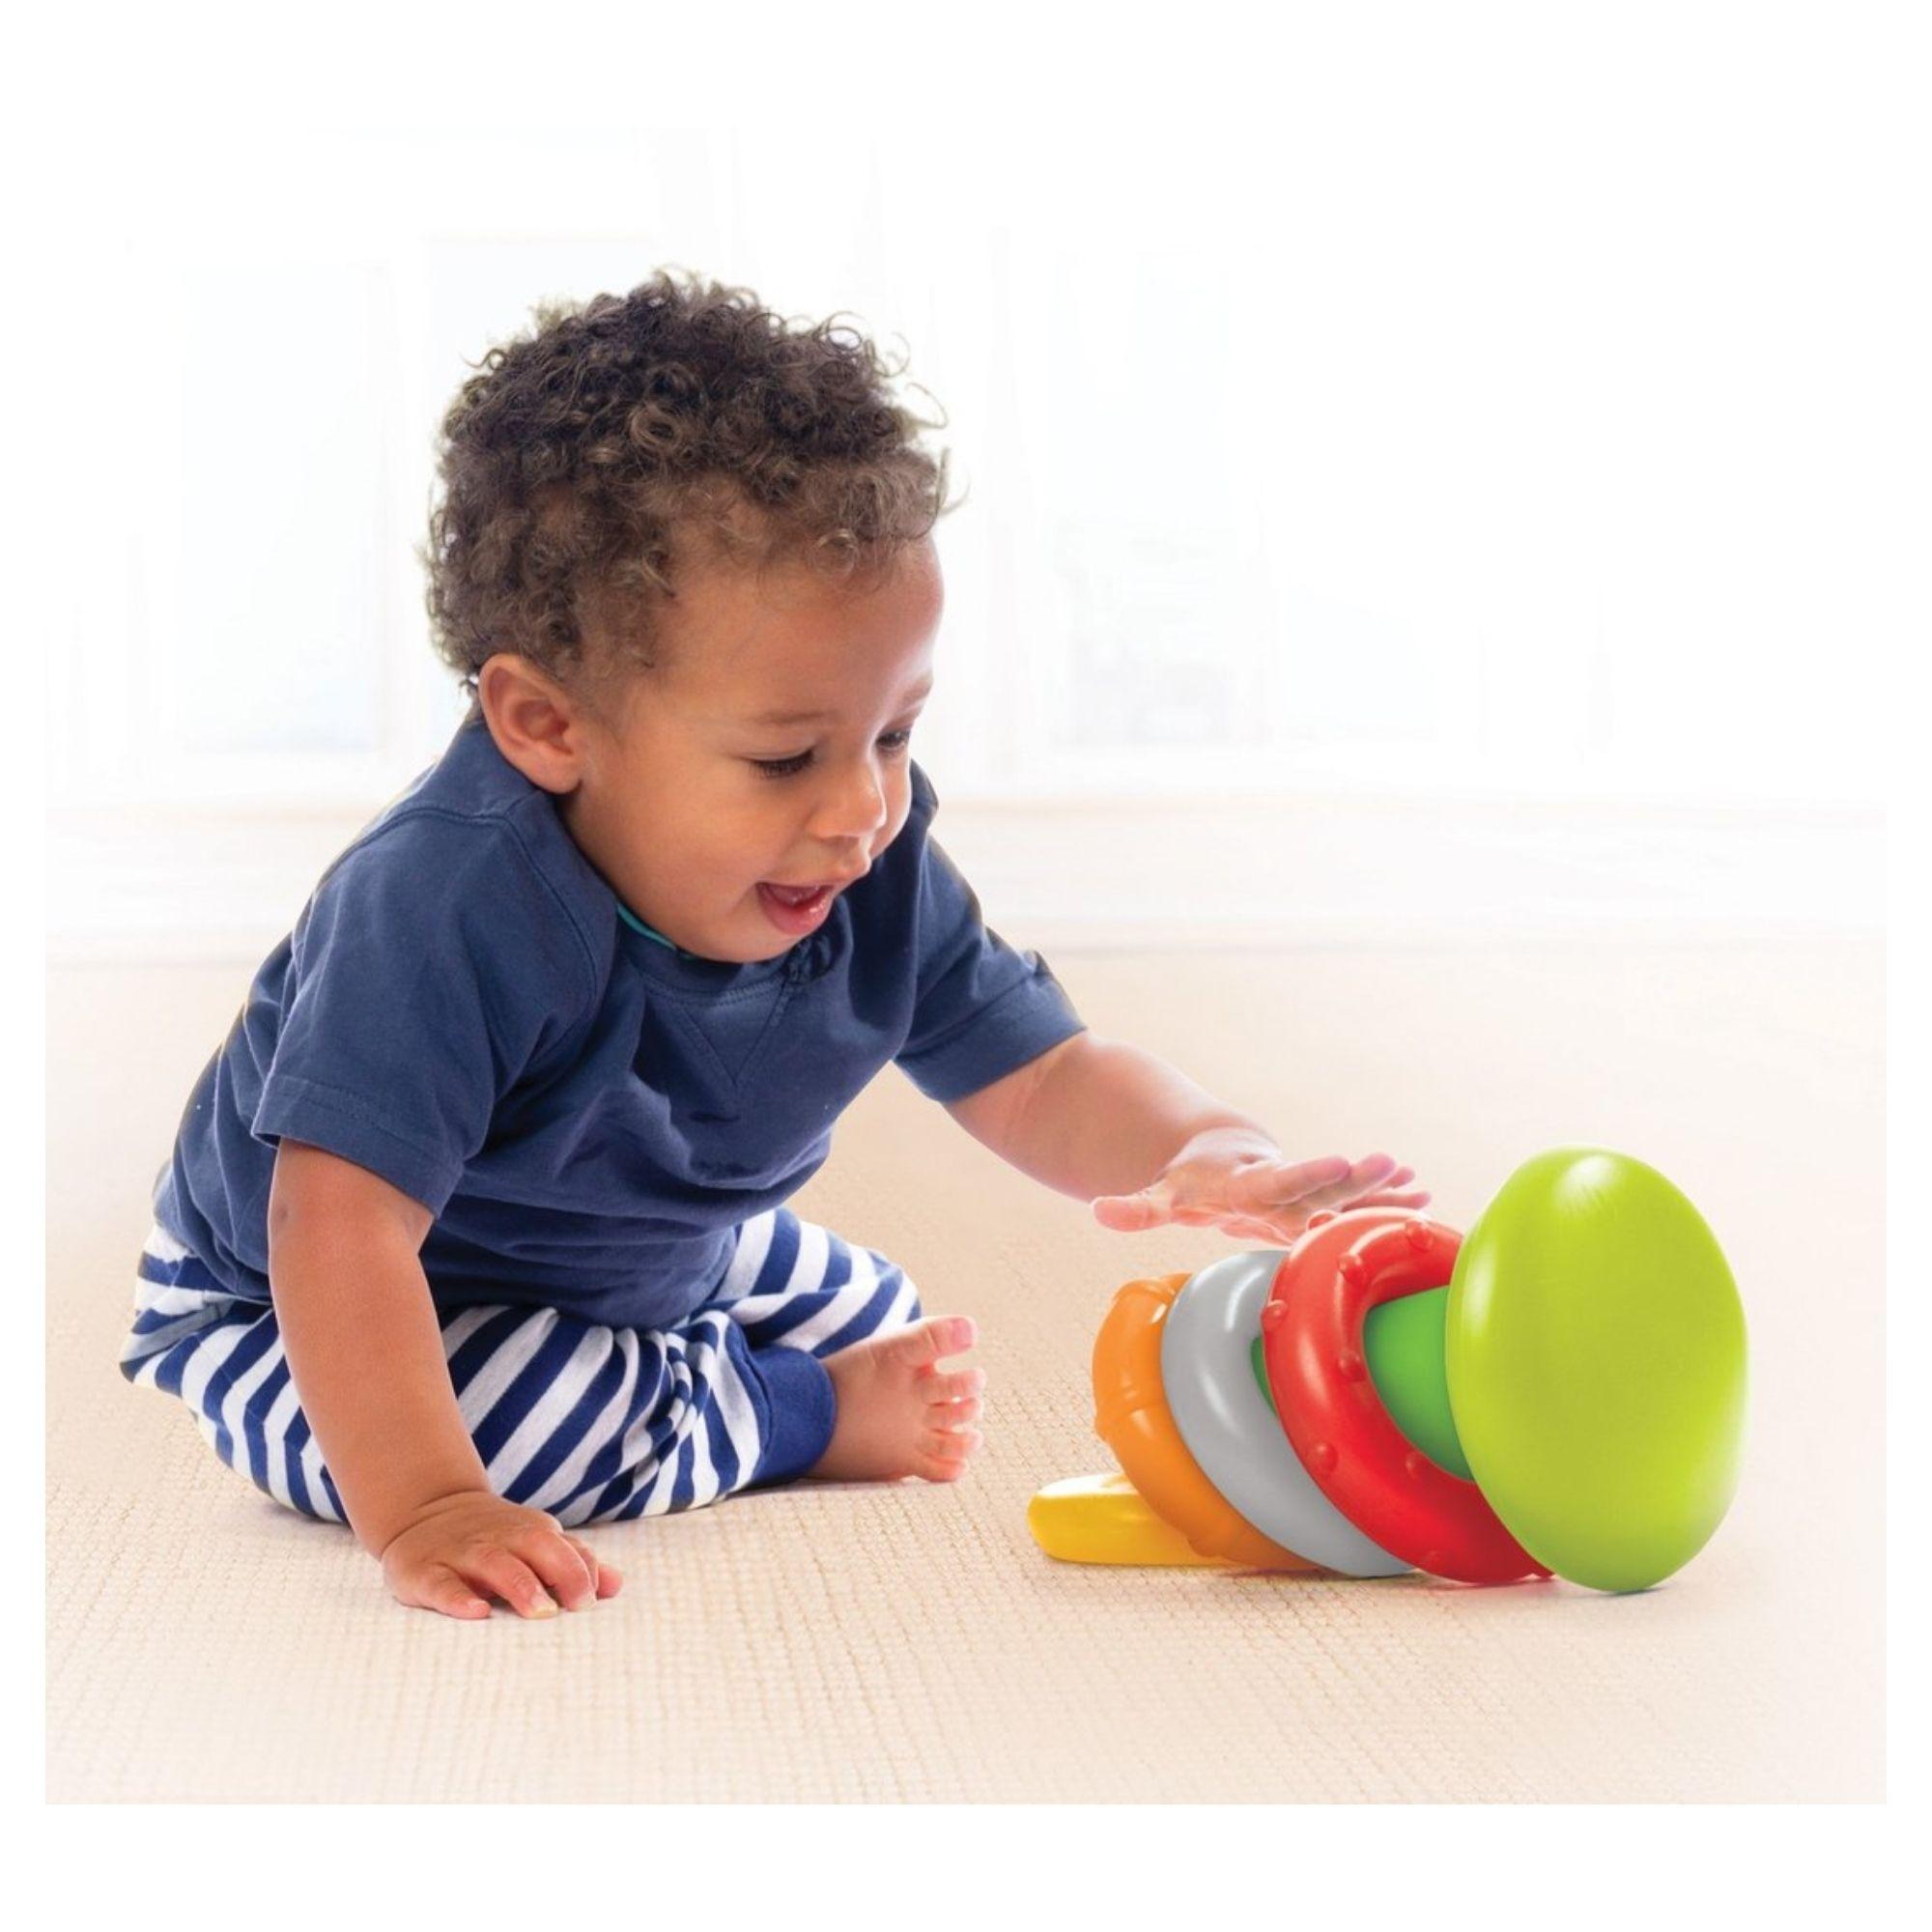 Brinquedo de Argolas Empilháveis Interativo Infantino  - Game Land Brinquedos